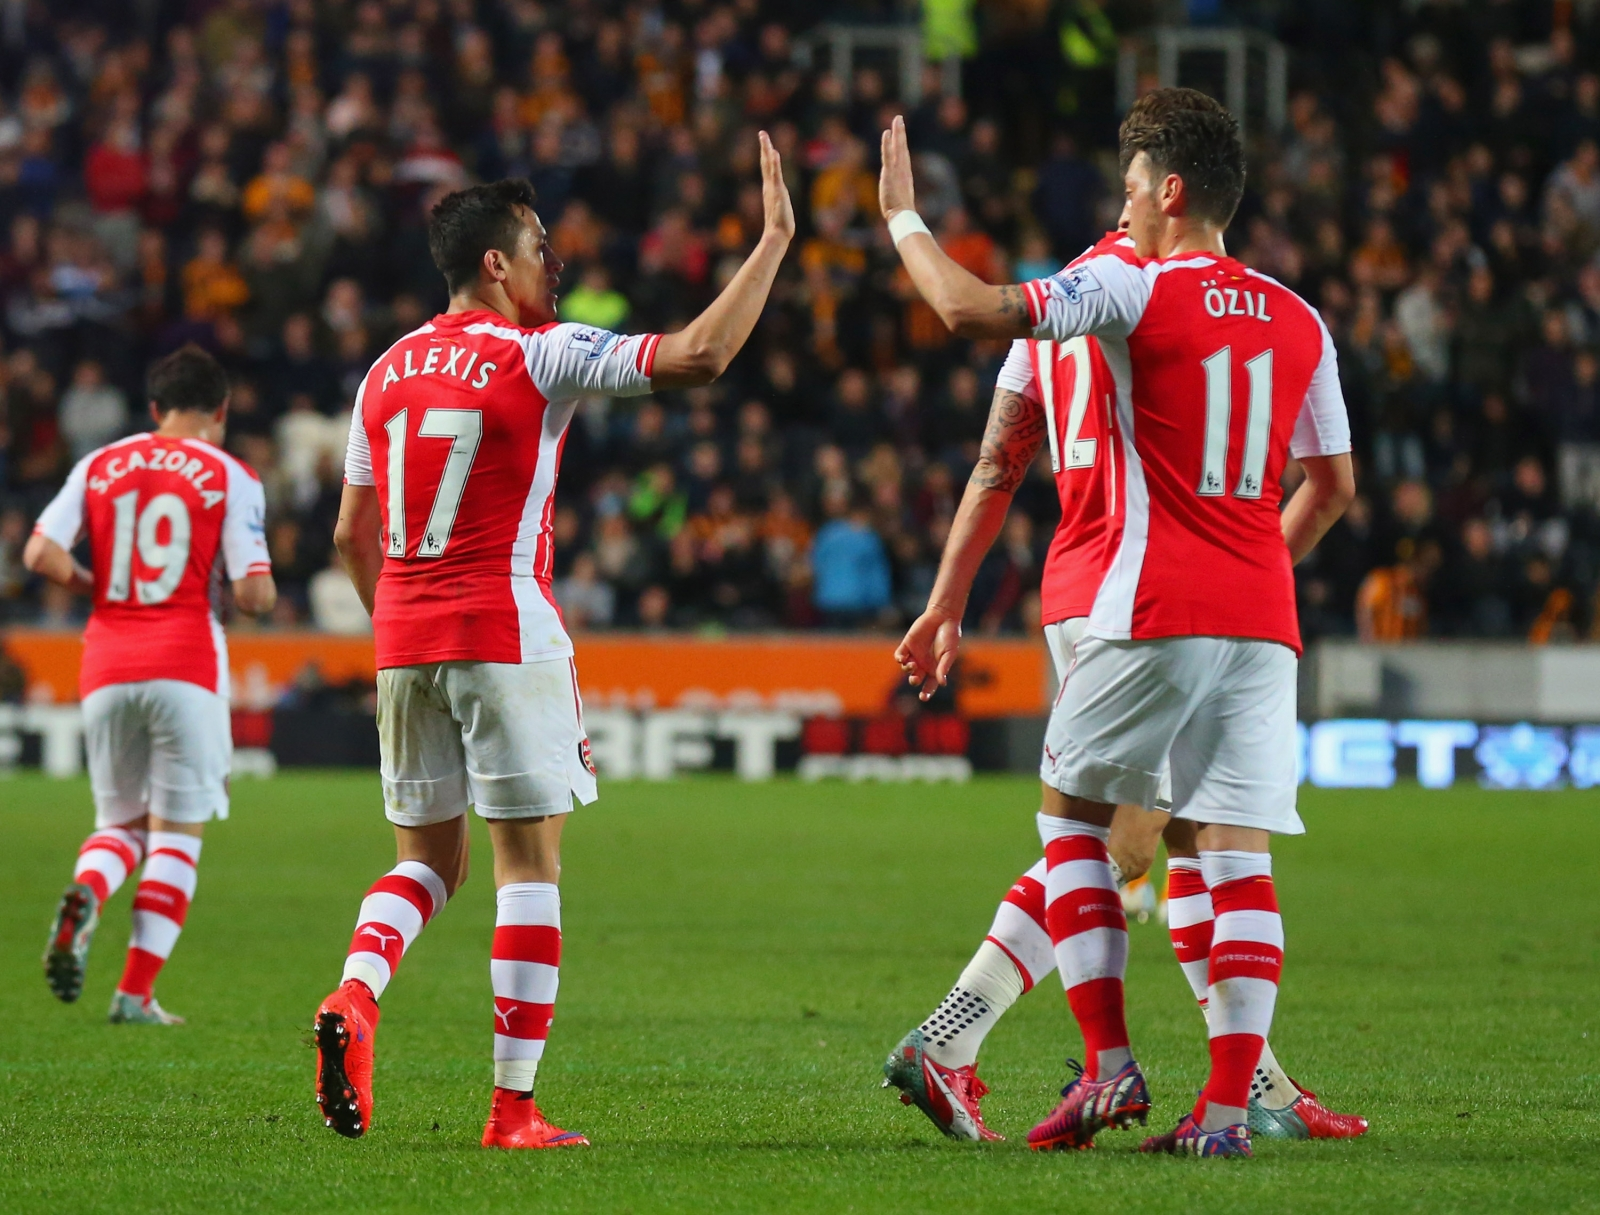 Mesut Ozil Alexis Sanchez: Arsenal: Alexis Sanchez Has Helped Turn Mesut Ozil Form